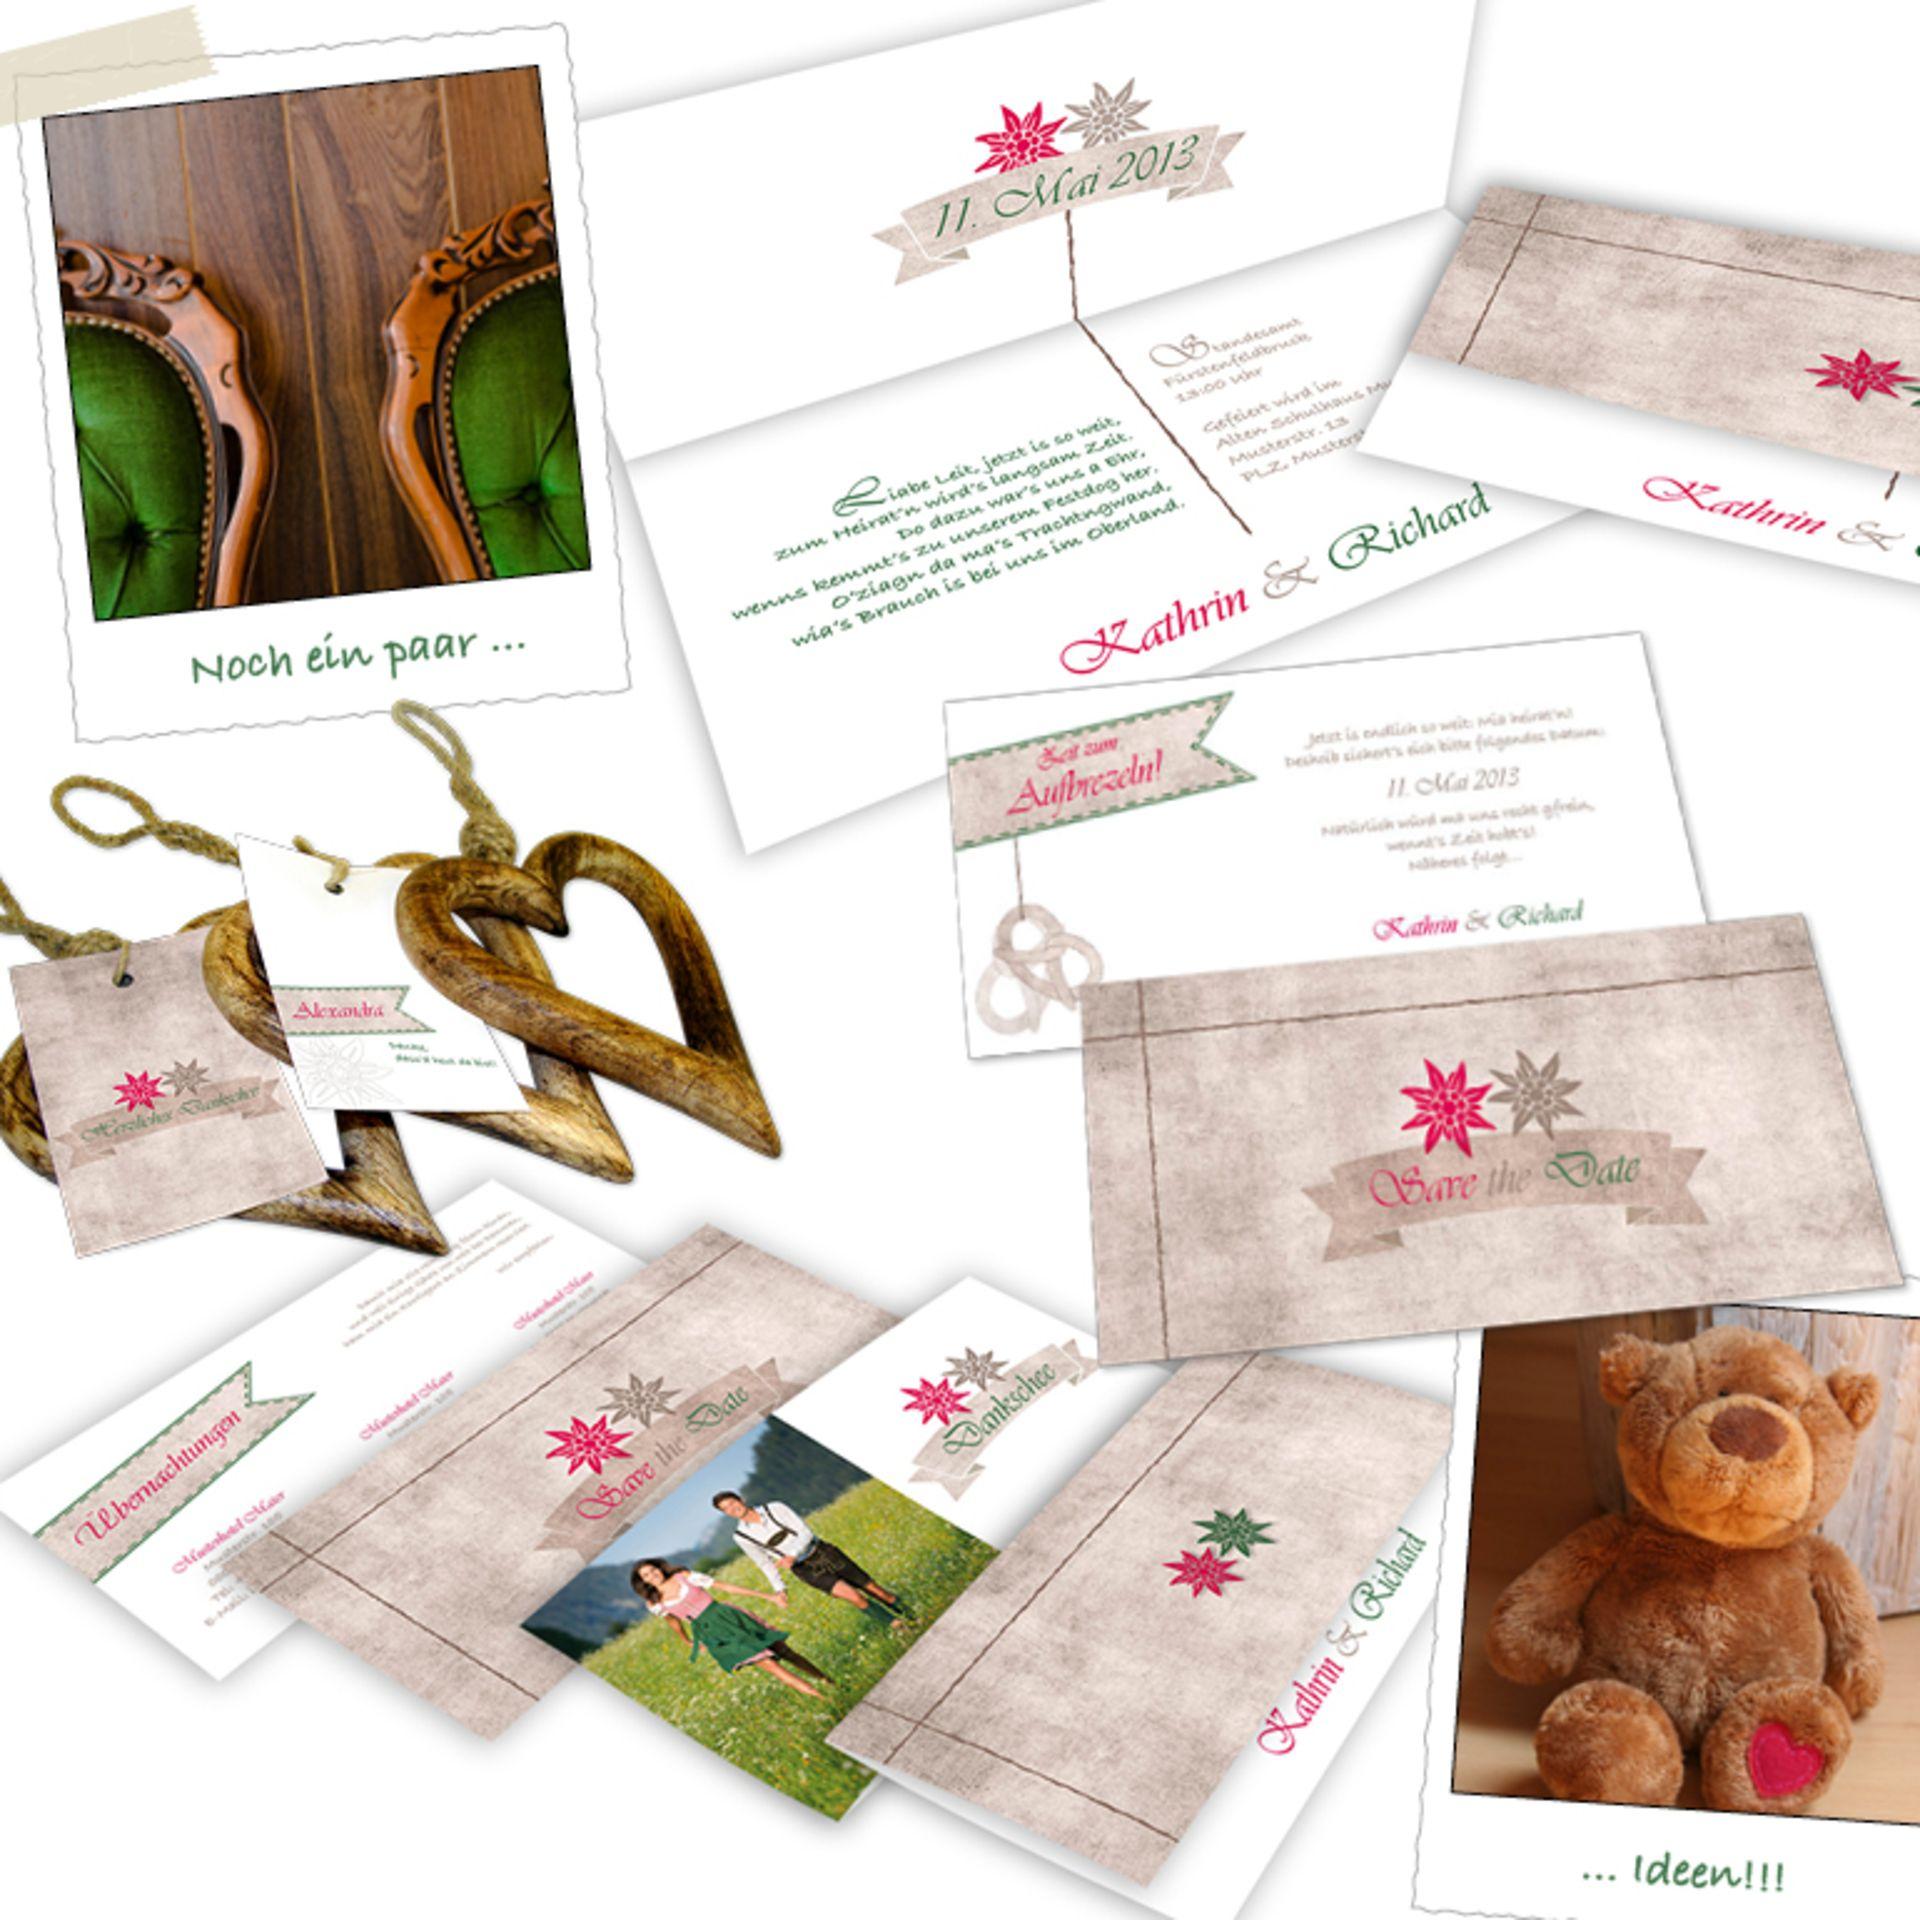 Trachtenhochzeit? Trachtige Hochzeitskarten Sets Bei Uns Erhältlich,  Einladung